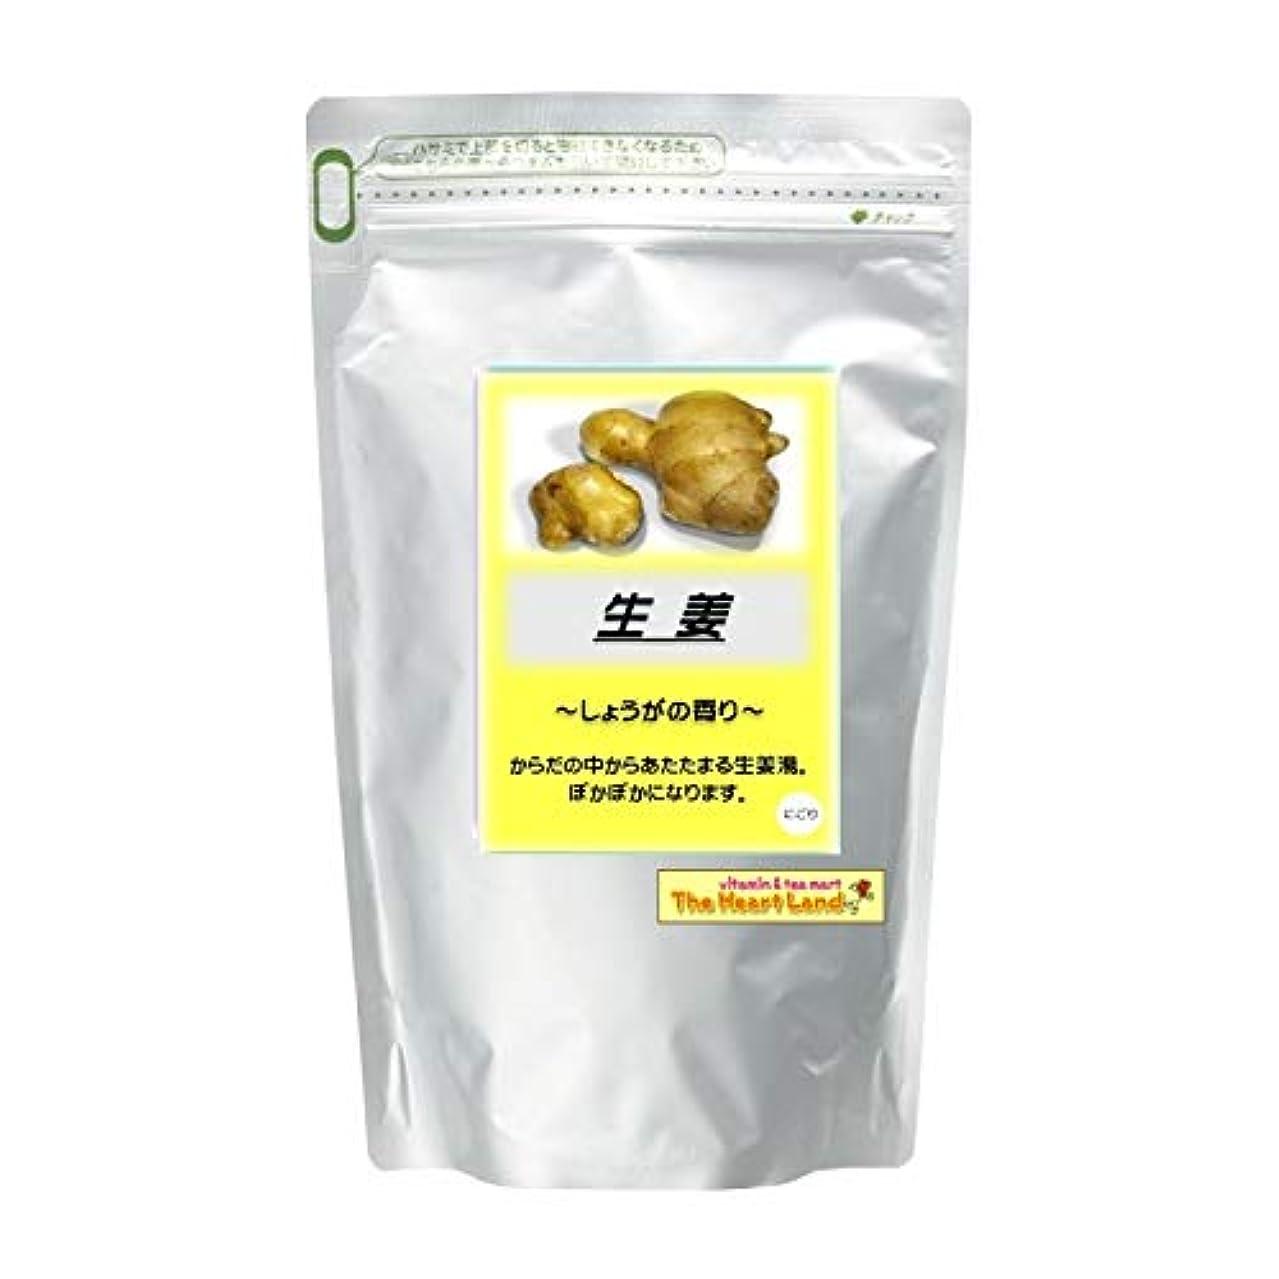 リー売り手虫アサヒ入浴剤 浴用入浴化粧品 生姜 2.5kg